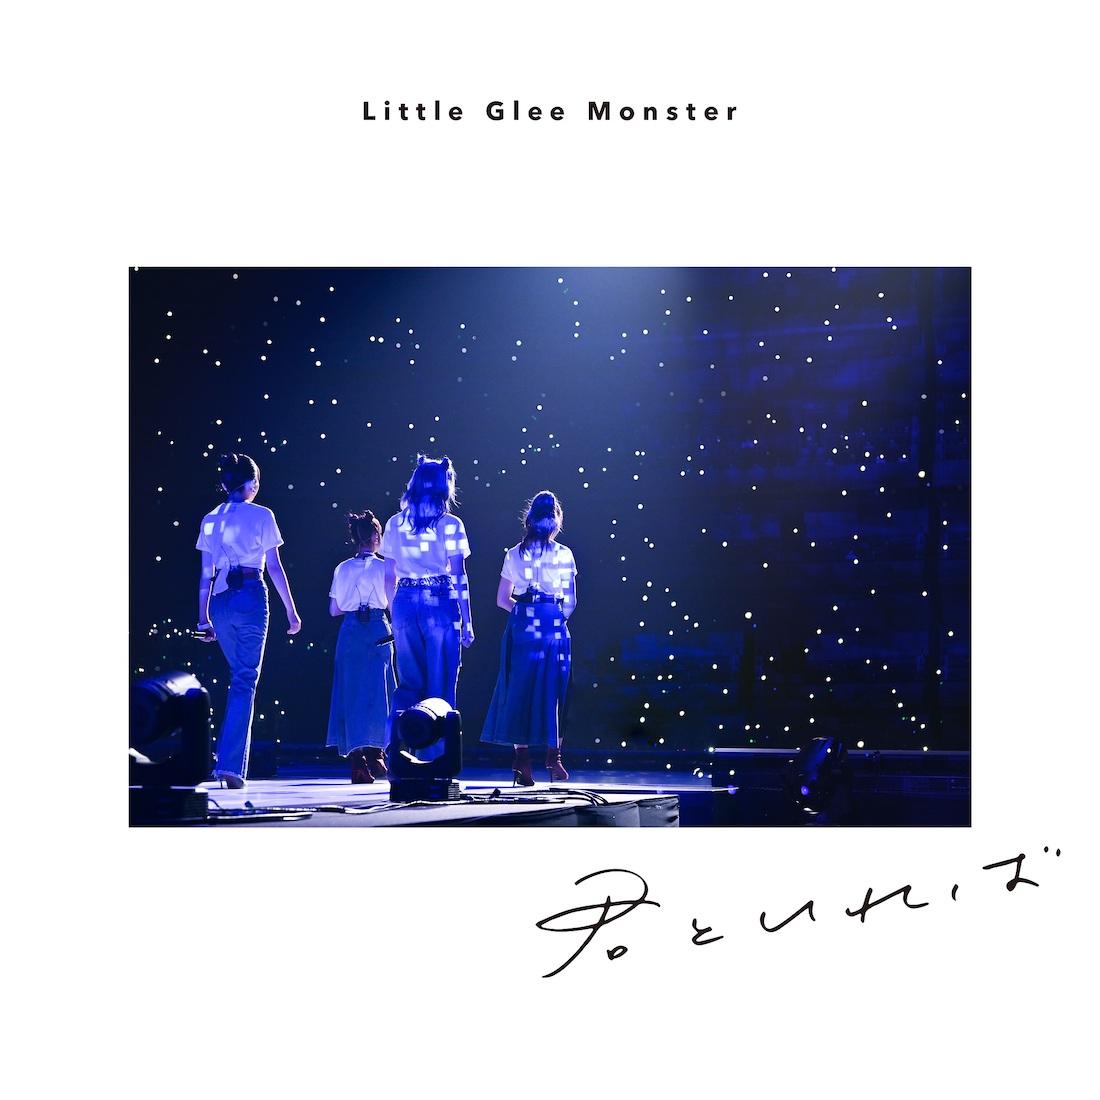 Little Glee Monster 君といれば